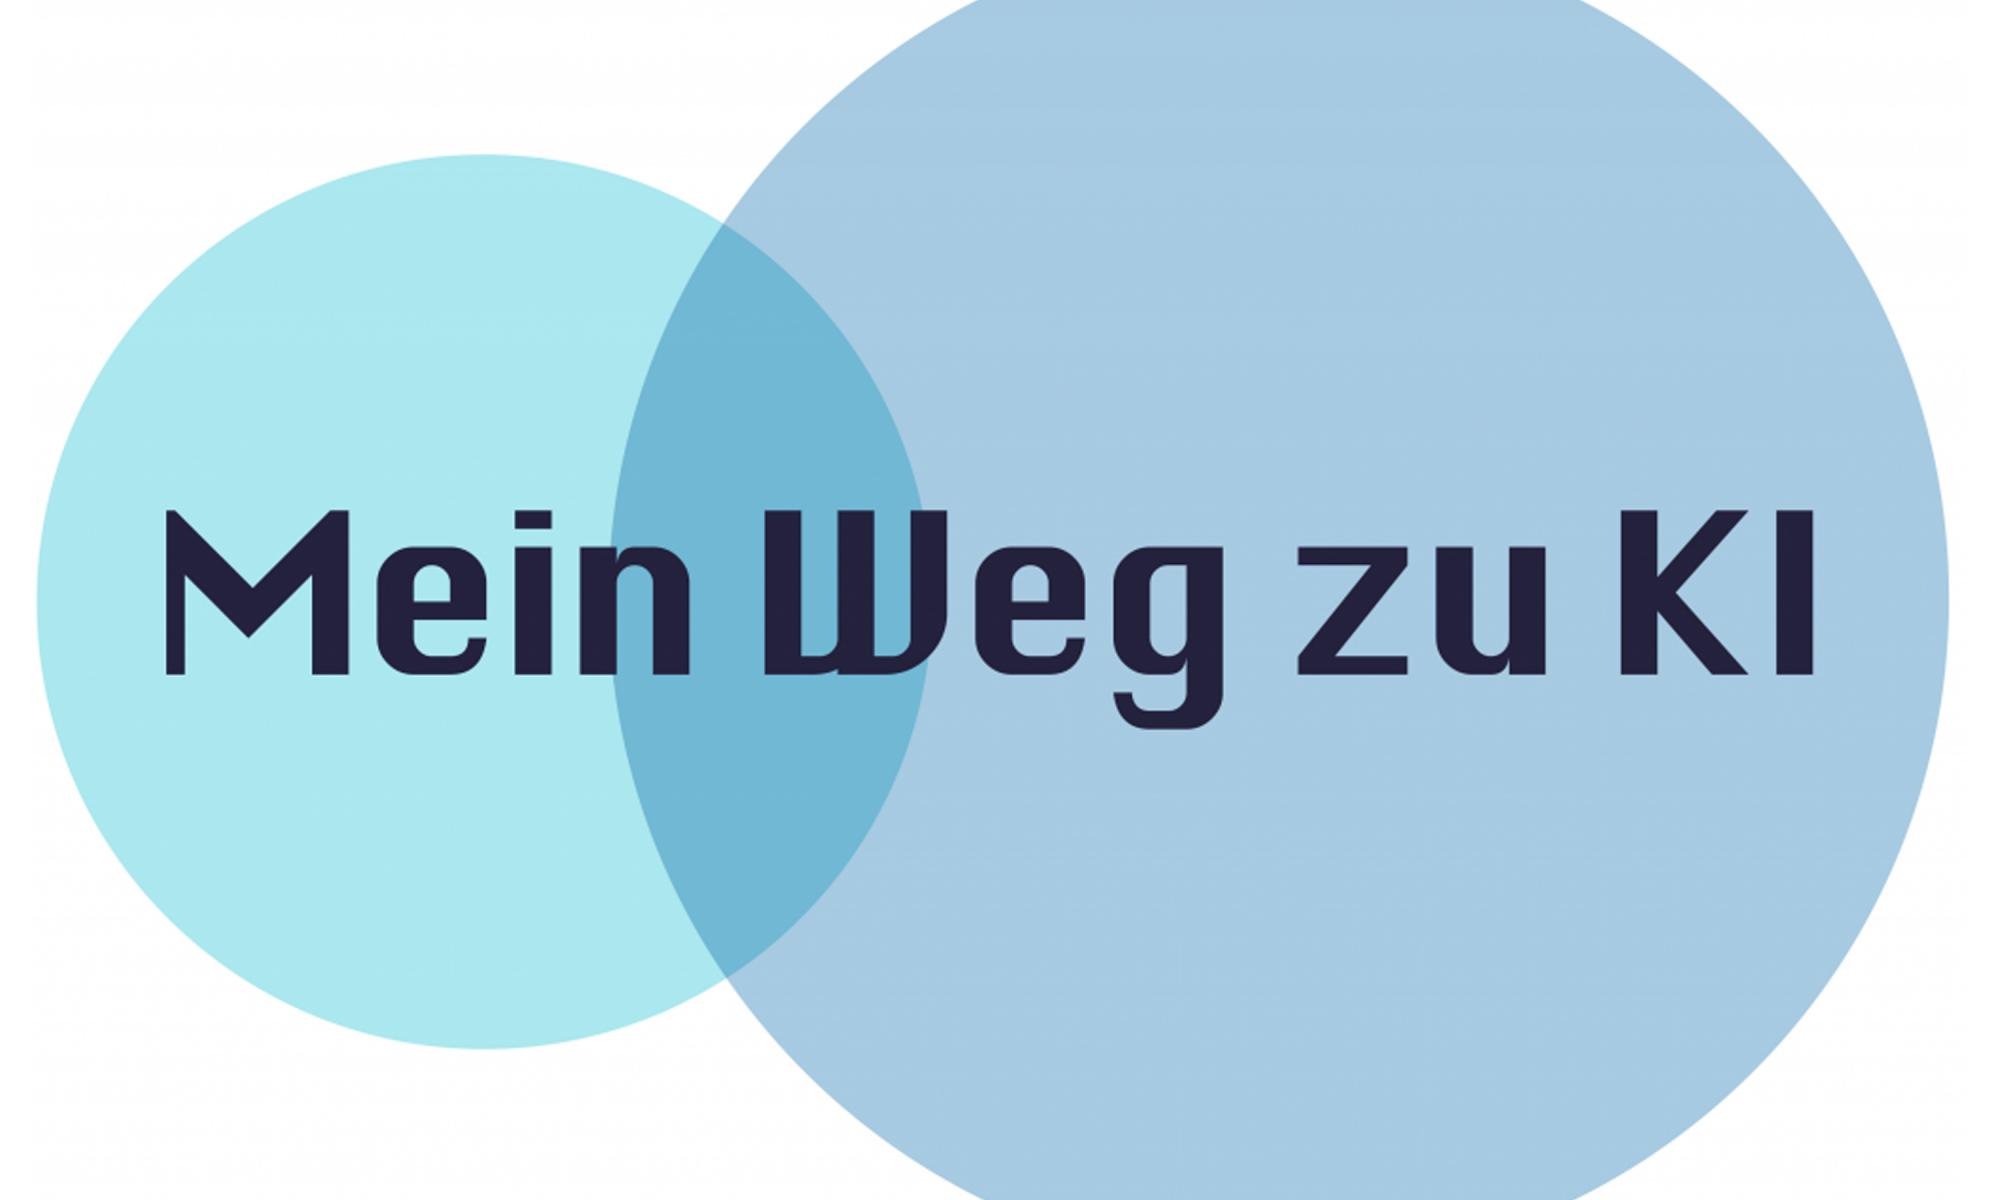 schwarze Schrift in zwei blauen Kreisen: Mein Weg zu KI